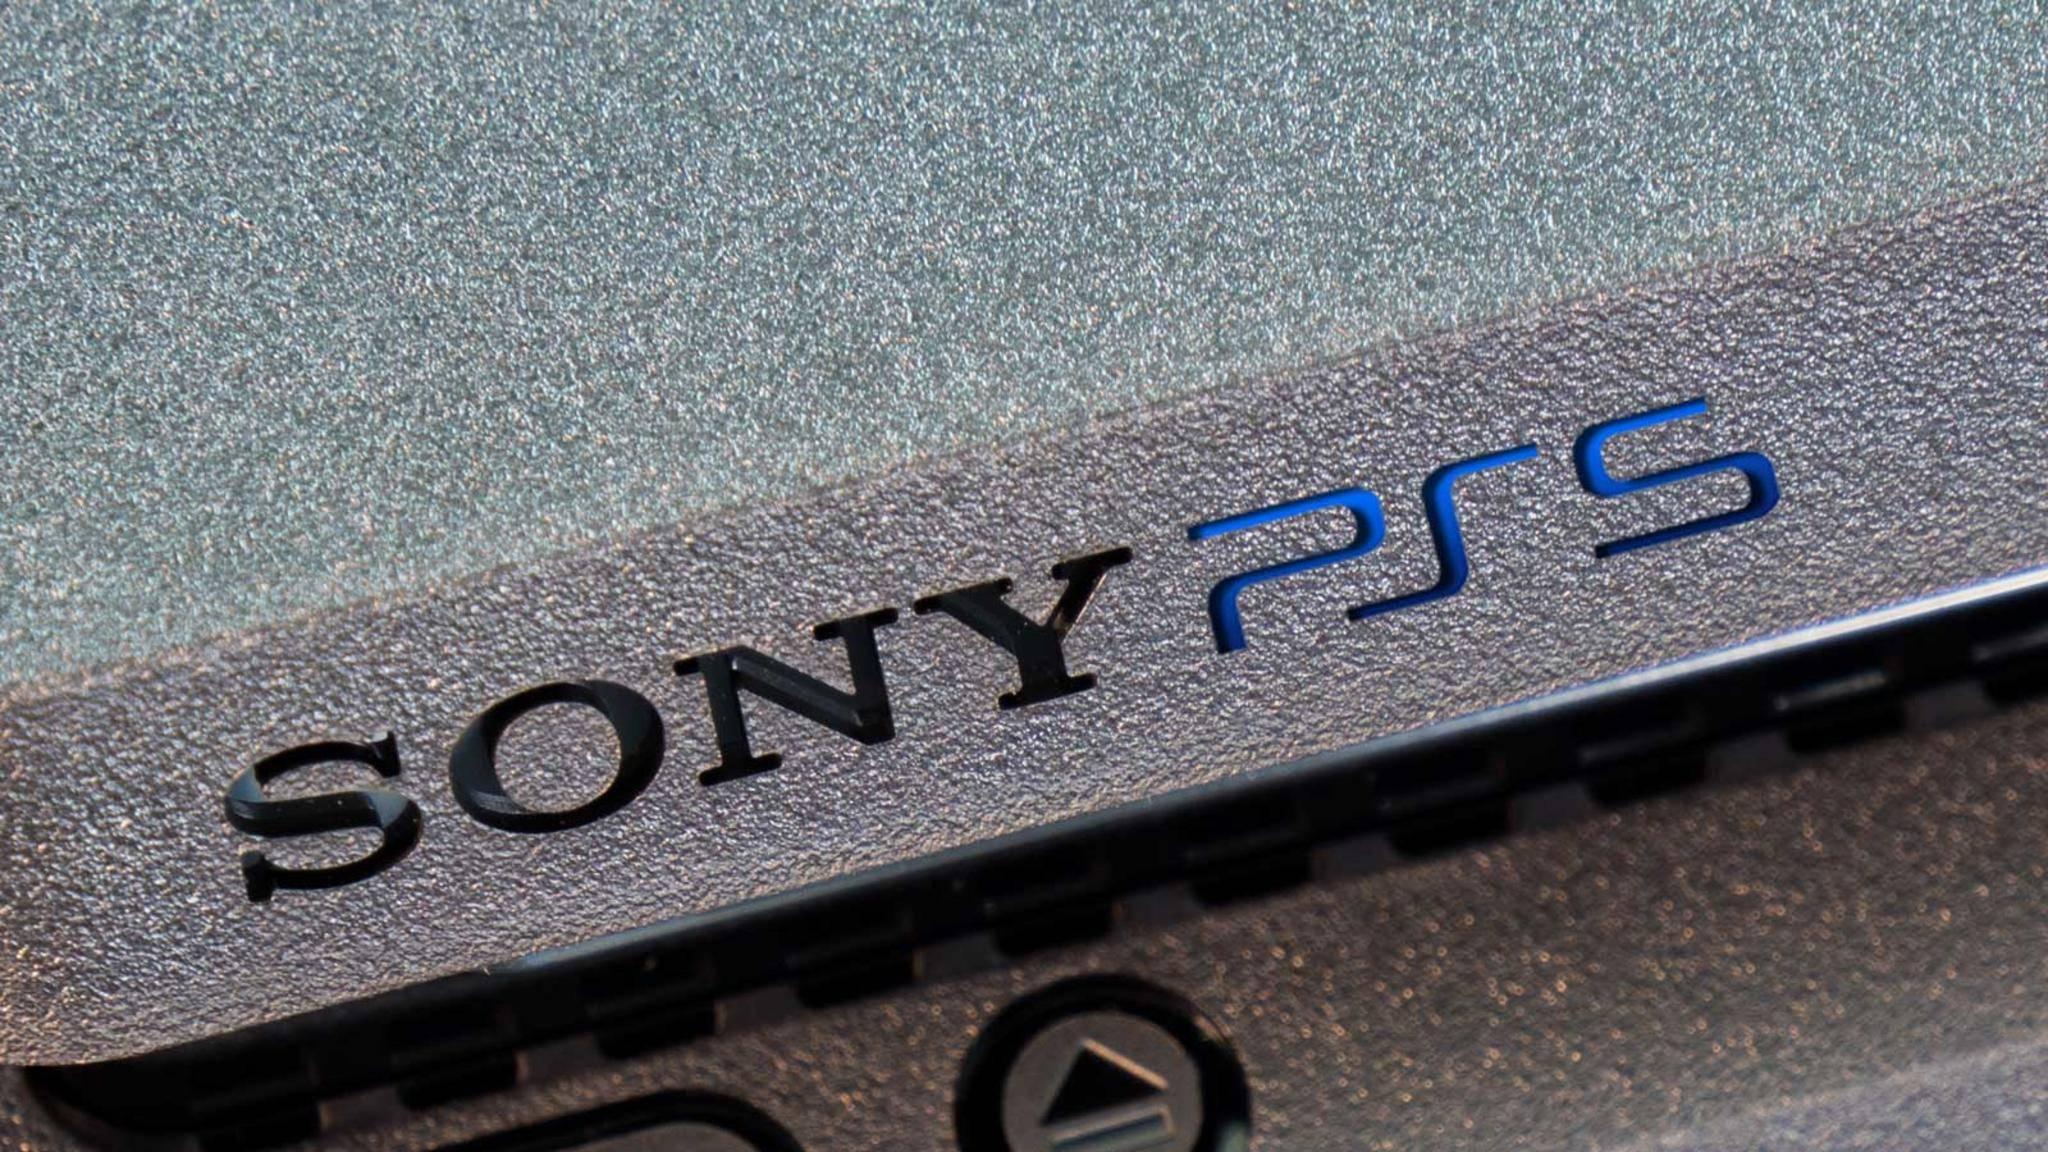 Wann die PS5 kommt, ist noch unklar. Die Vorgängerkonsole hat ihren Zenit laut Sony aber mittlerweile überschritten.